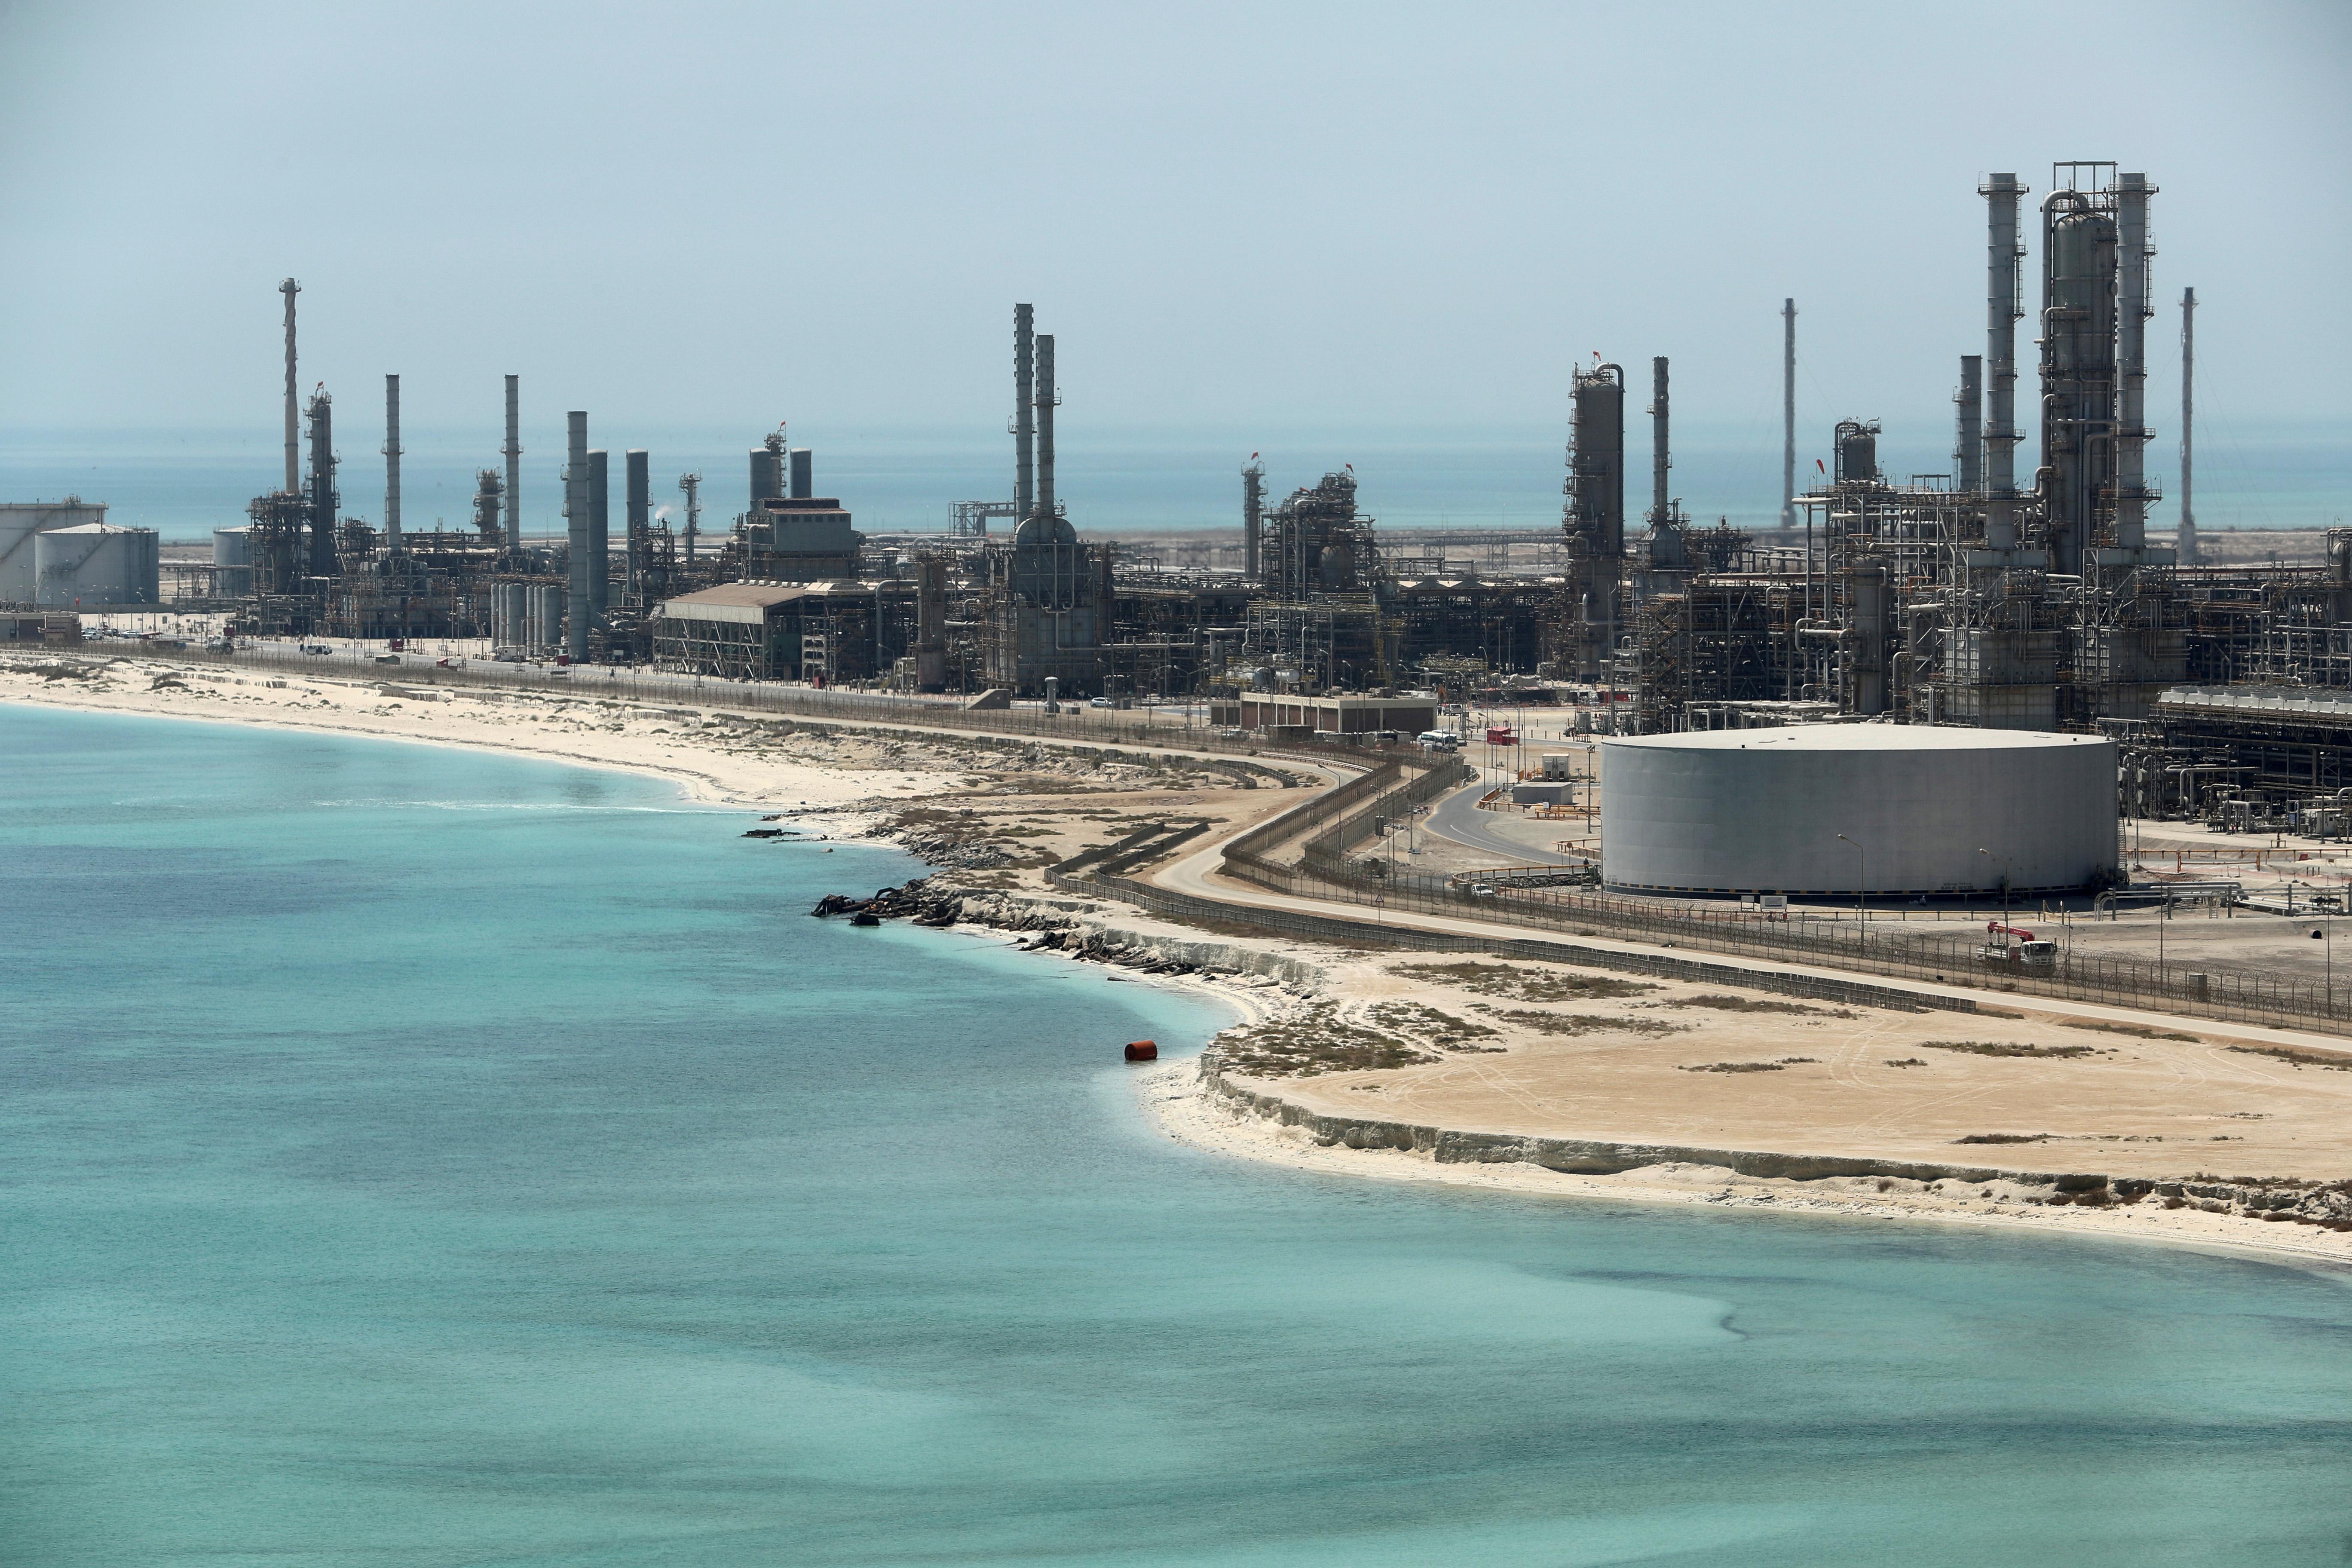 General view of Saudi Aramco's Ras Tanura oil refinery and oil terminal in Saudi Arabia May 21, 2018. Picture taken May 21, 2018. REUTERS/Ahmed Jadallah/